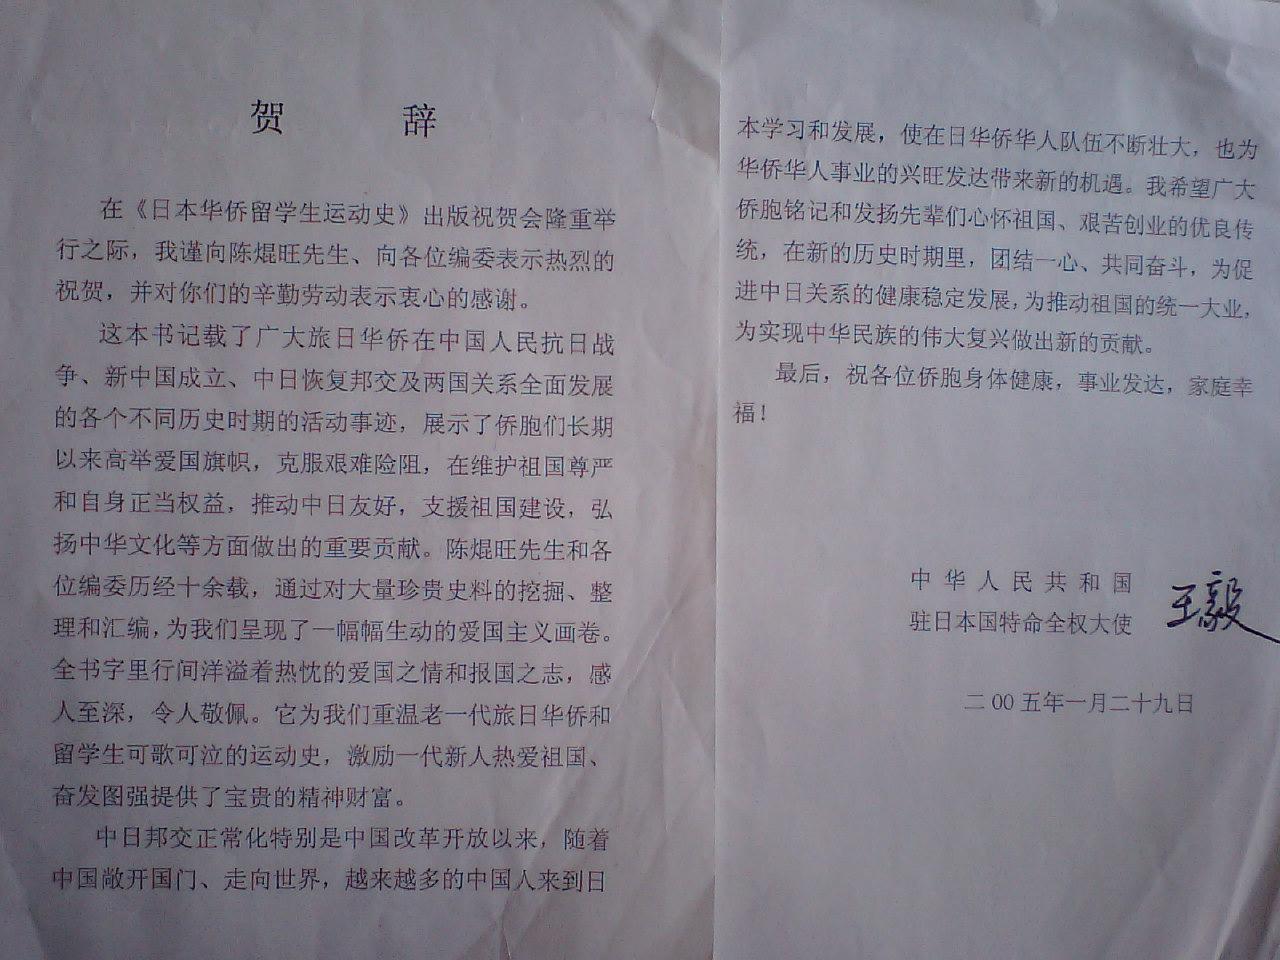 旧聞新録 王毅大使の祝辞 『日本華僑・留学生運動史』出版に当たって_d0027795_16122067.jpg